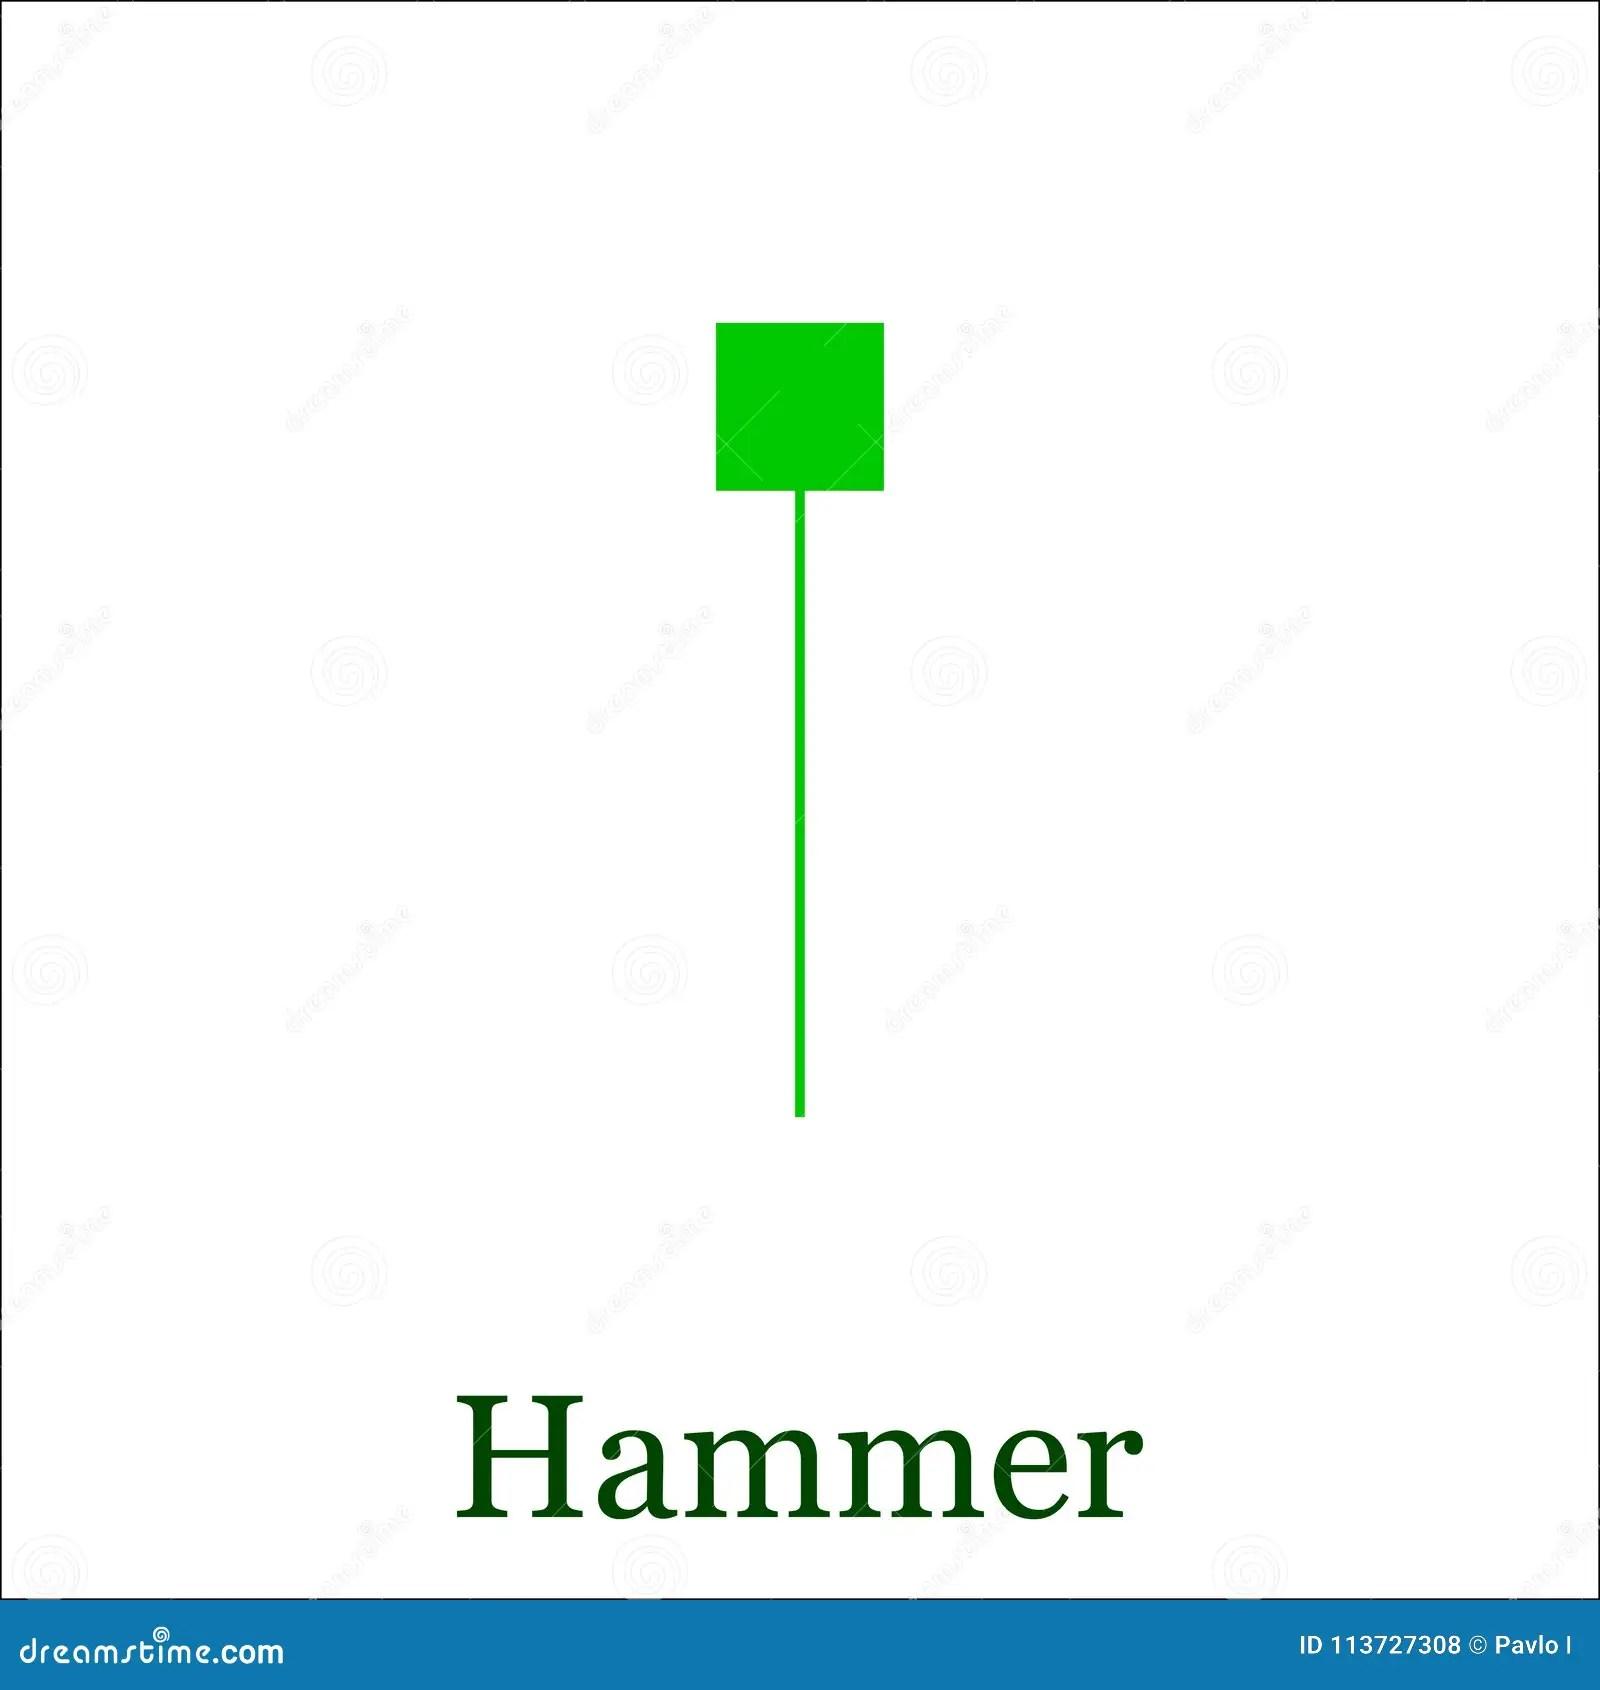 hammer candlestick chart pattern